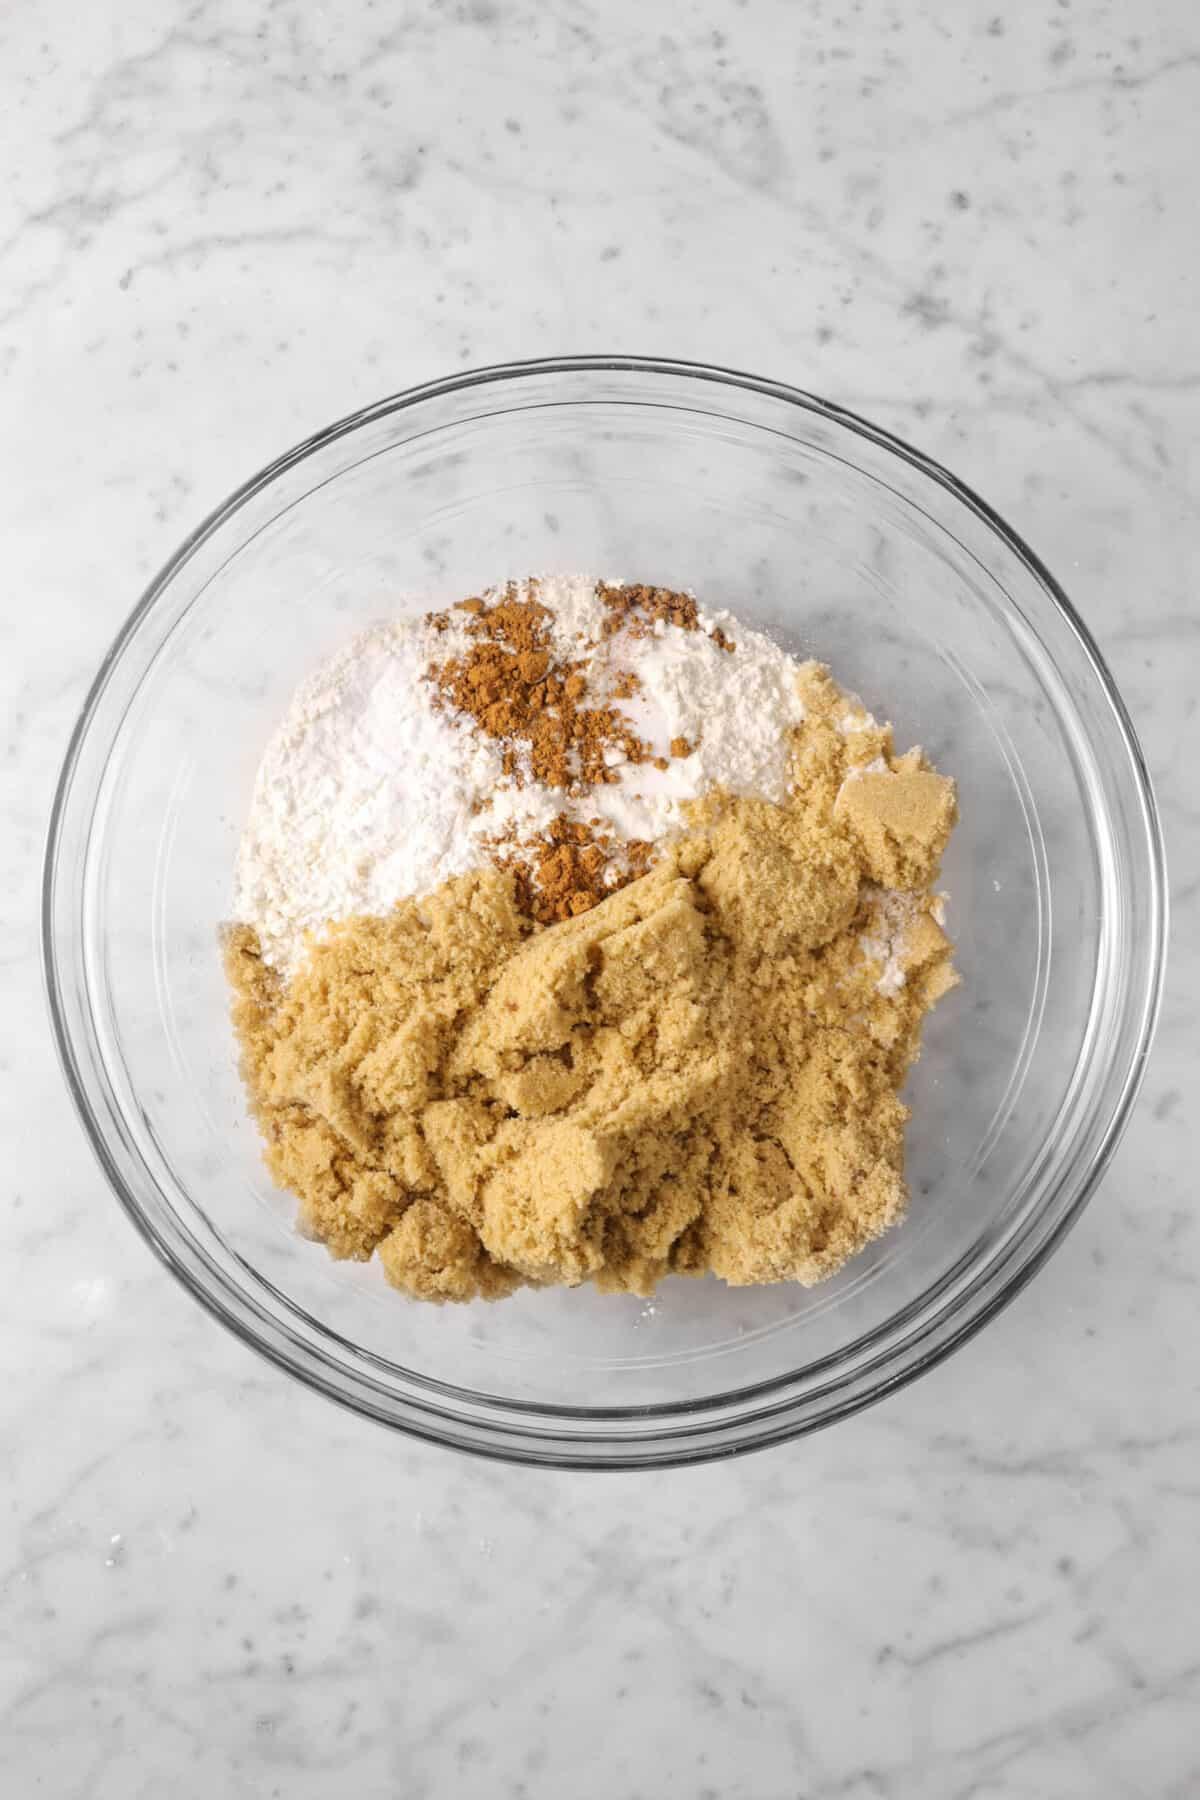 brown sugar, flour, cinnamon, salt, and baking powder in a bowl